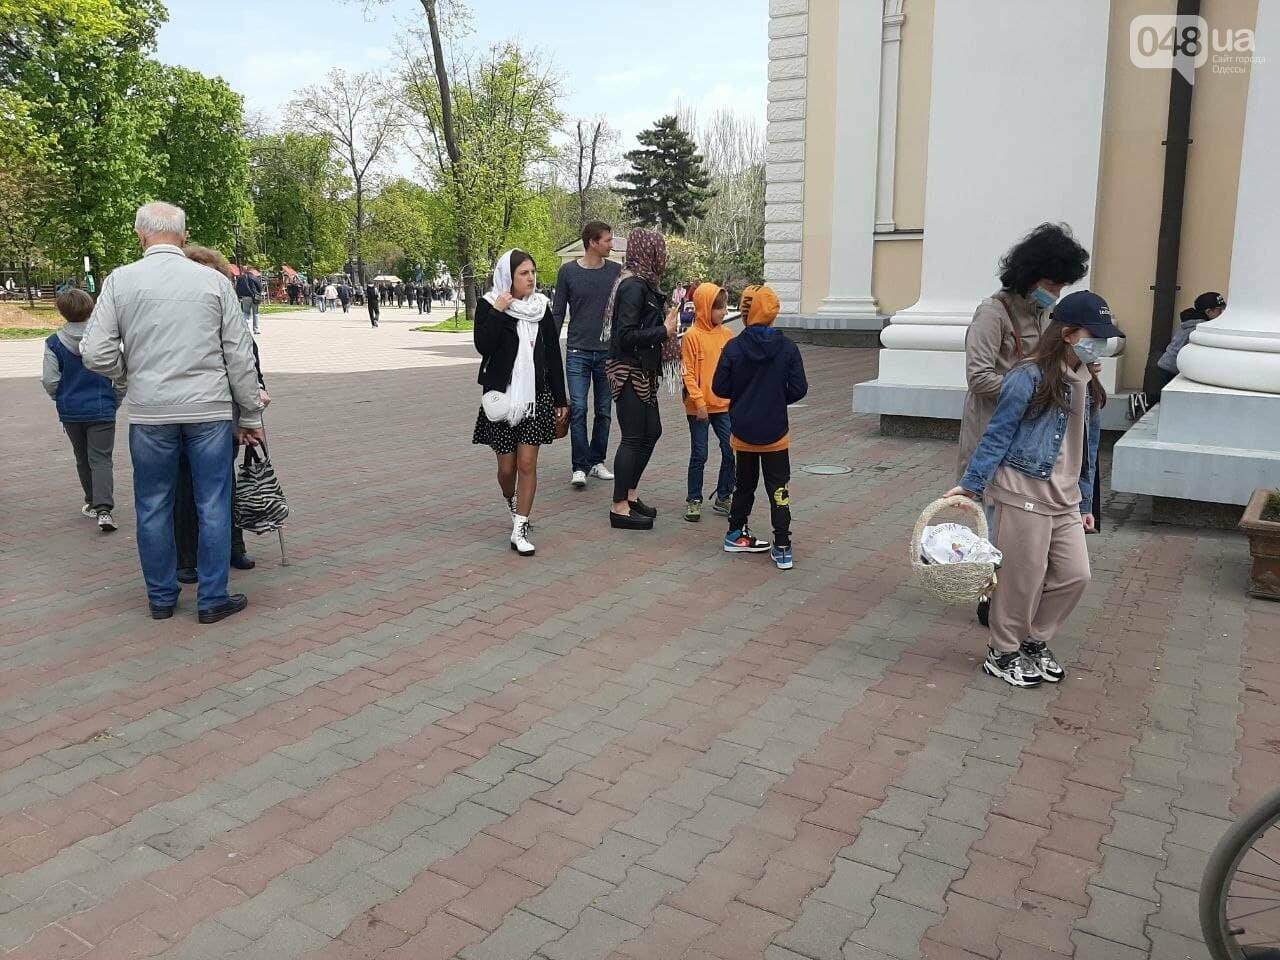 Пасха-2021: как в Одессе святят паски, - ФОТОРЕПОРТАЖ, фото-10